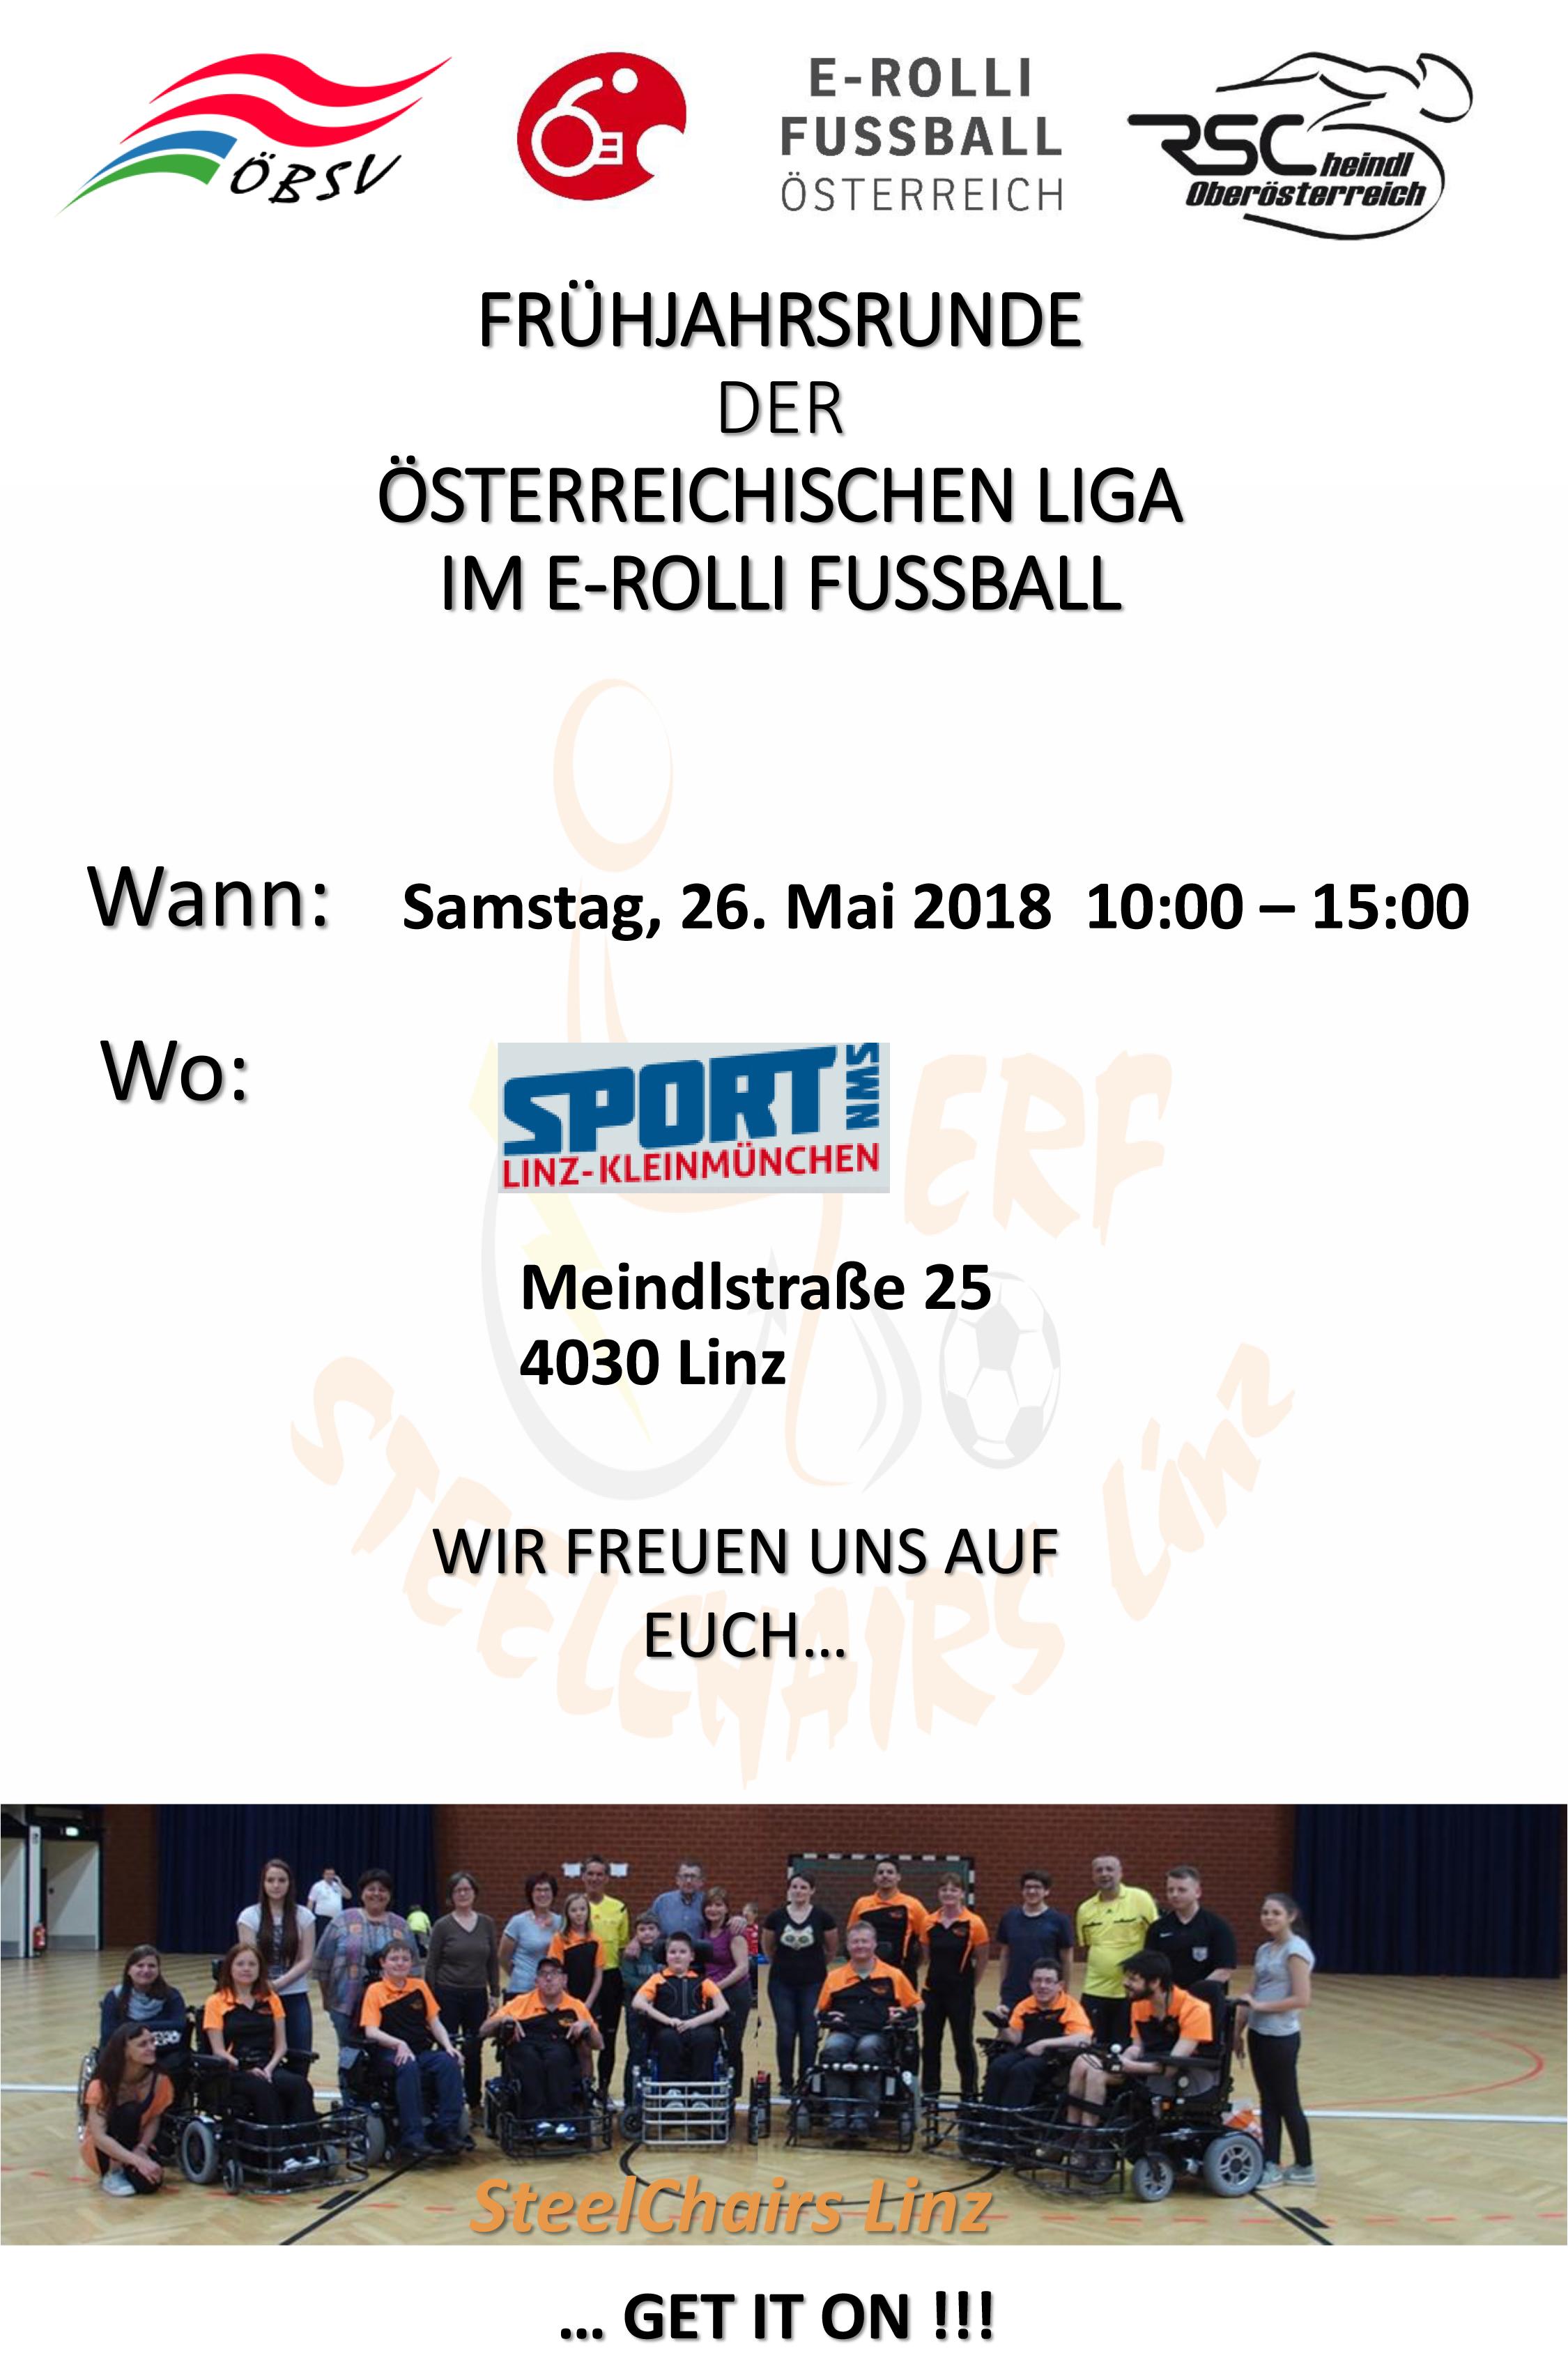 Liga 2018 - 1. Spieltag am 26. Mai in Linz